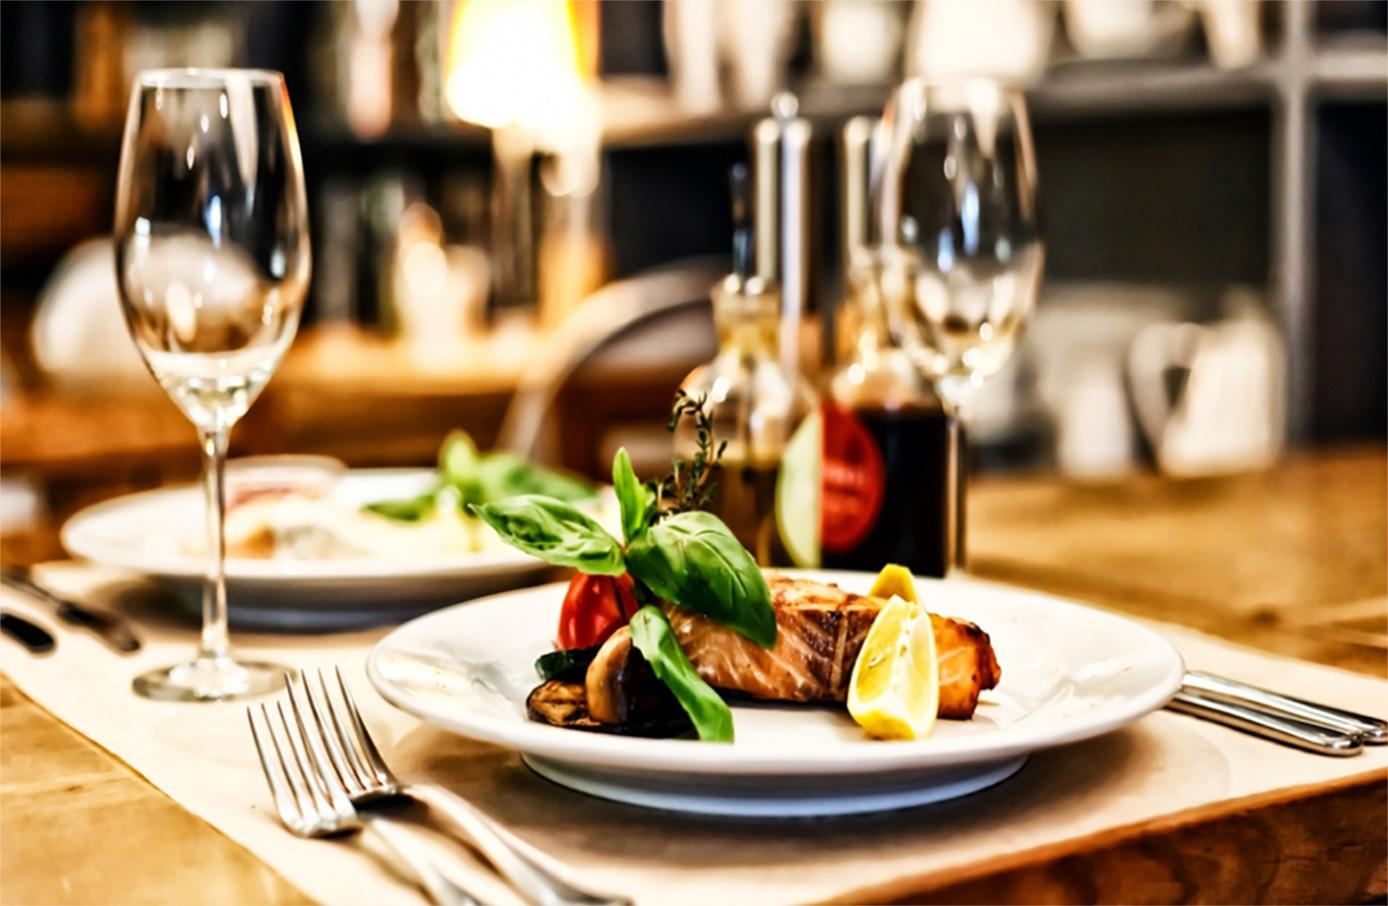 Ny restaurangförsäkring från RiskPoint i samarbete med Tydliga